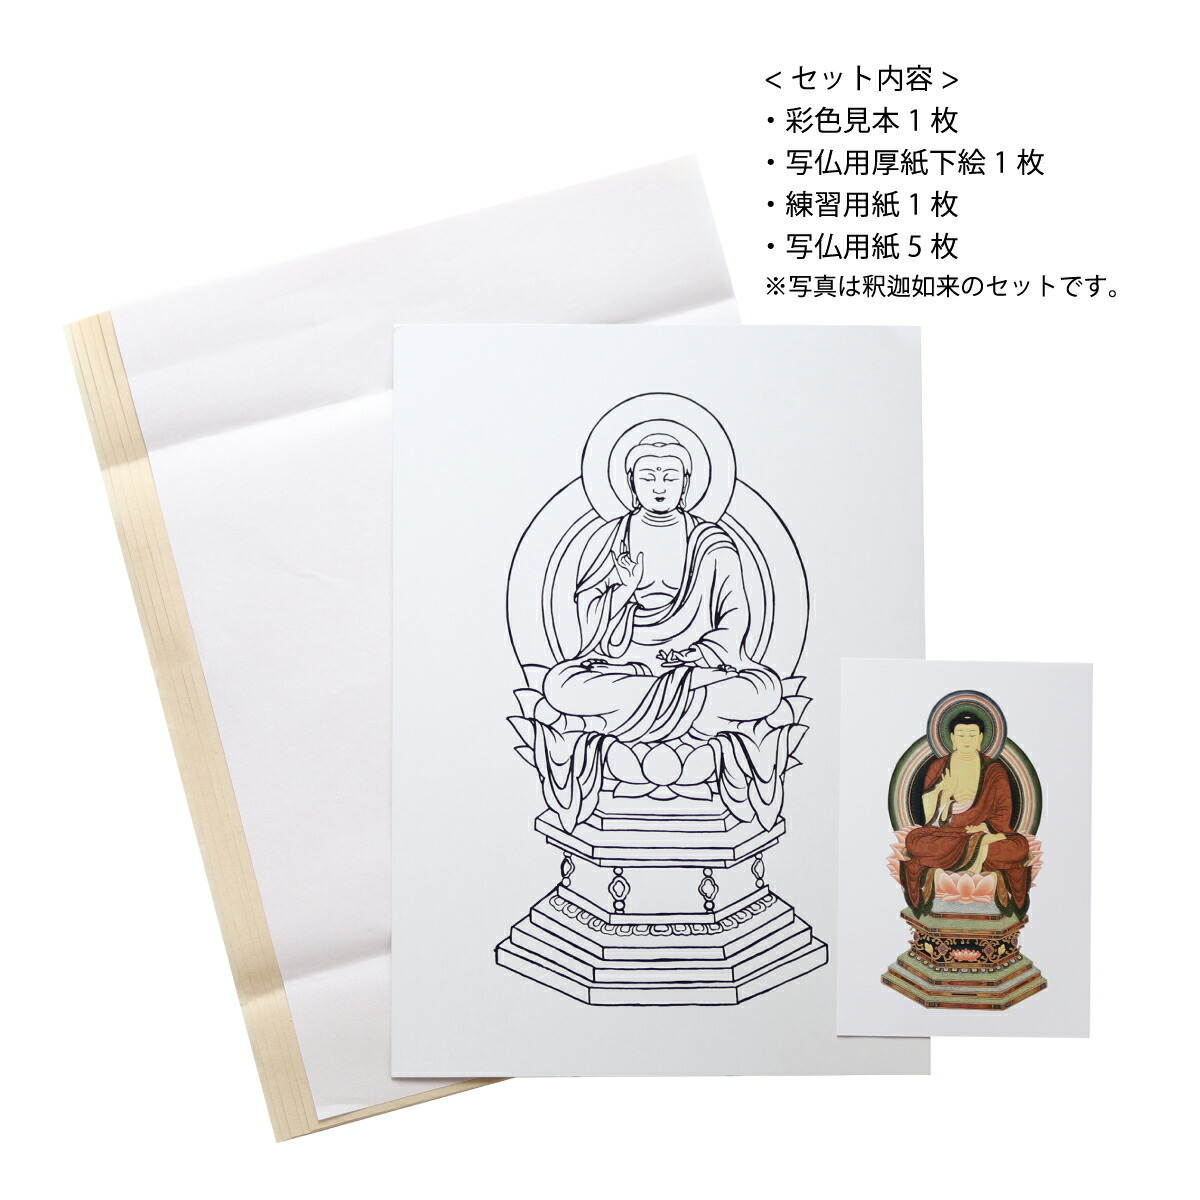 写仏セット阿弥陀如来 写仏セット阿弥陀如来 写仏セット阿弥陀如来